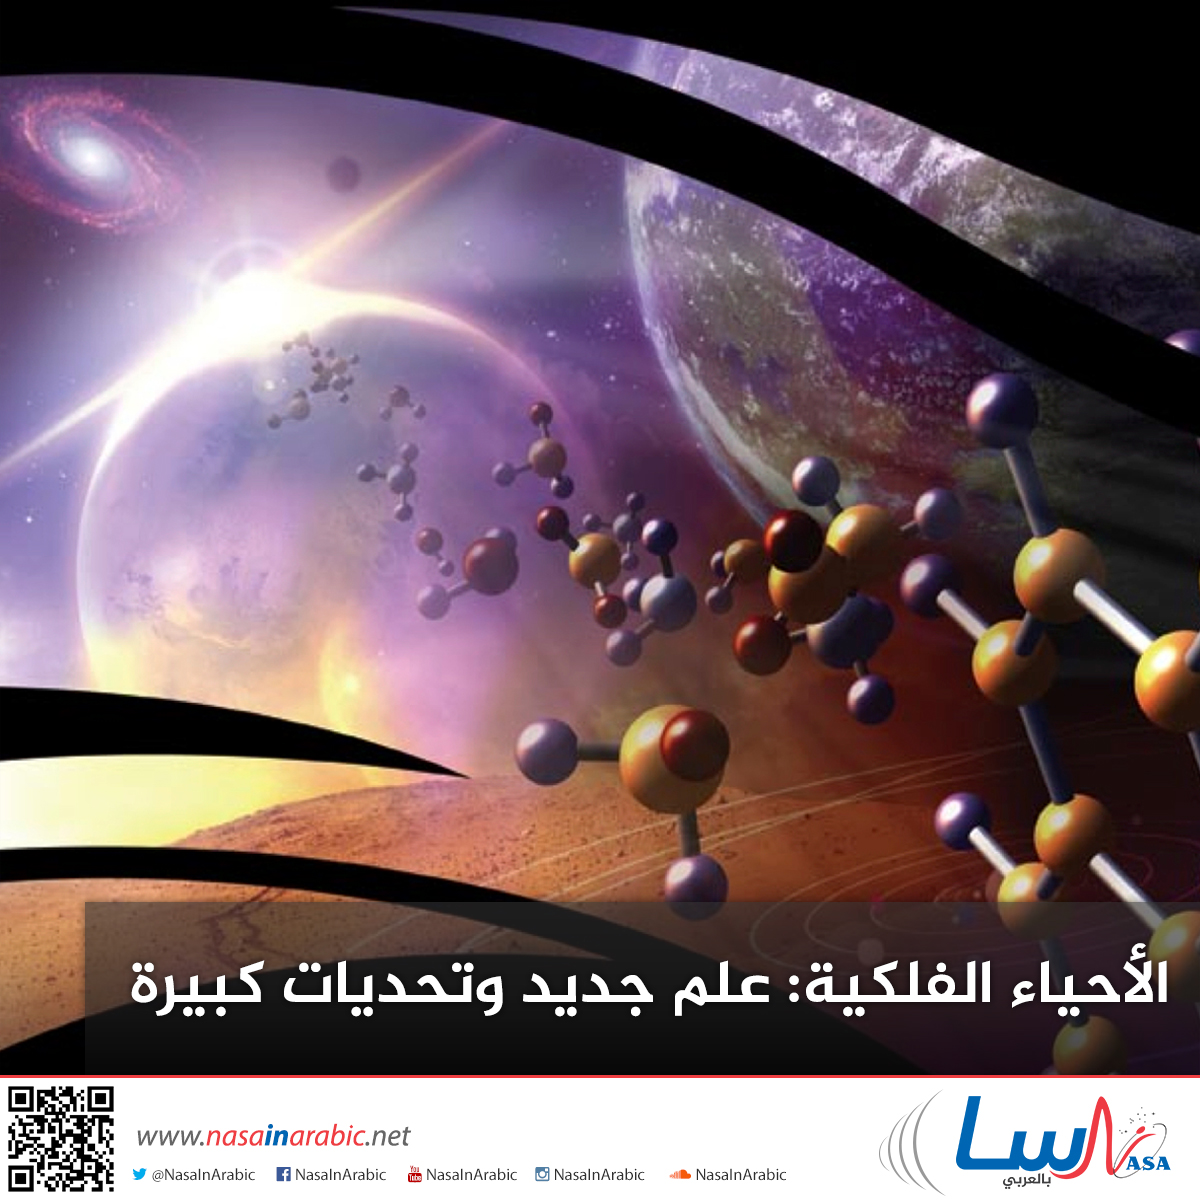 الأحياء الفلكية: علم جديد وتحديات كبيرة